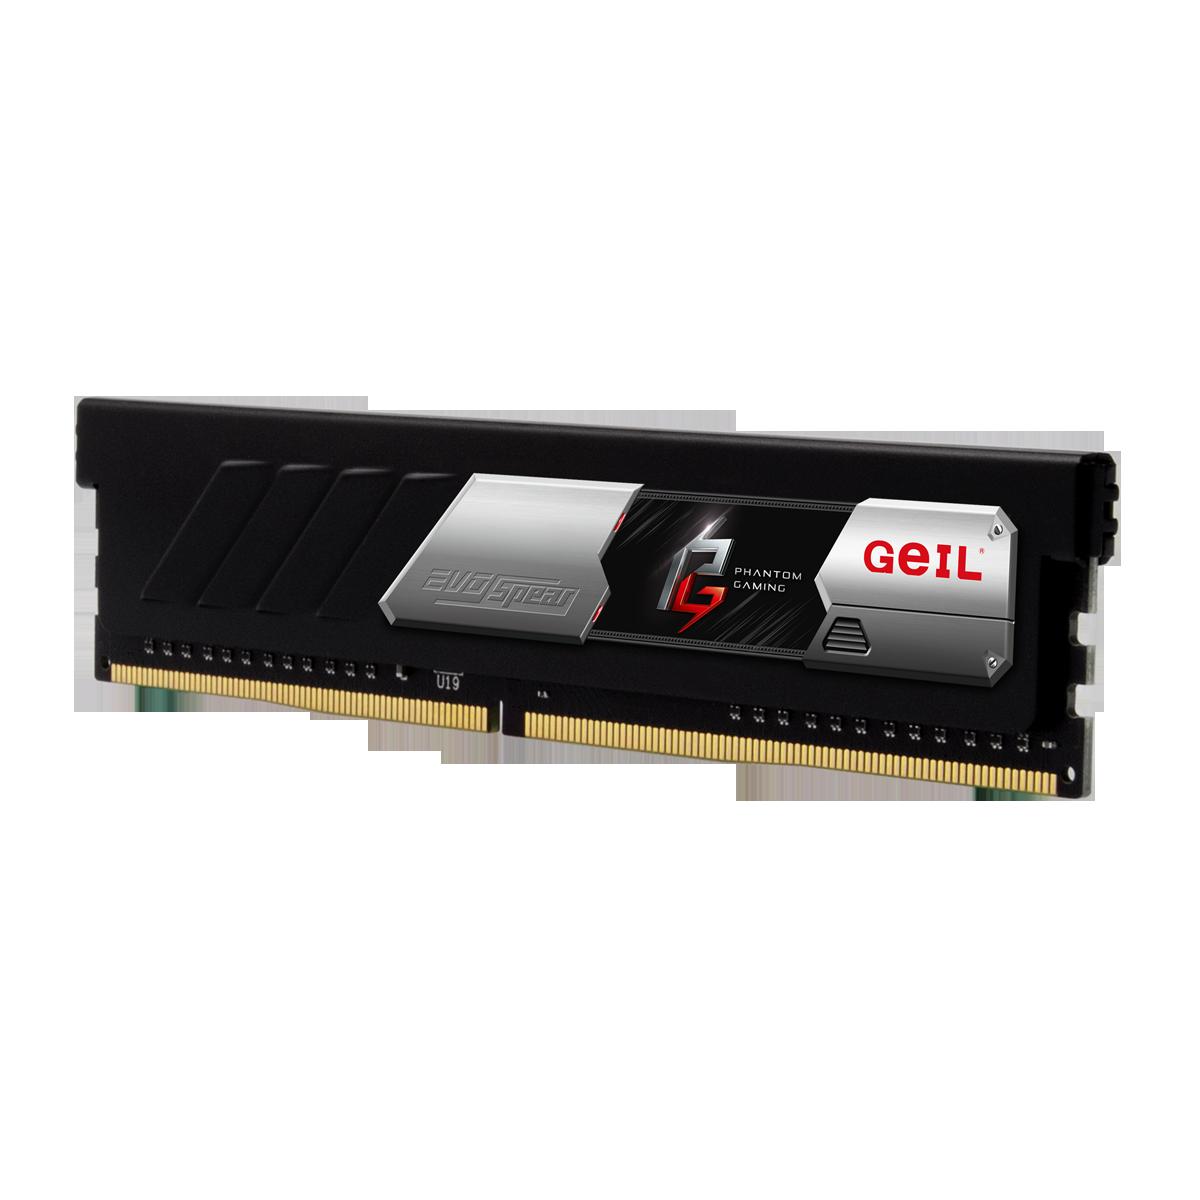 Memória DDR4 Geil EVO Spear Phantom Gaming (AMD), 16GB (2x8GB), 3200MHz, Black, GASF416GB3200C16BDC